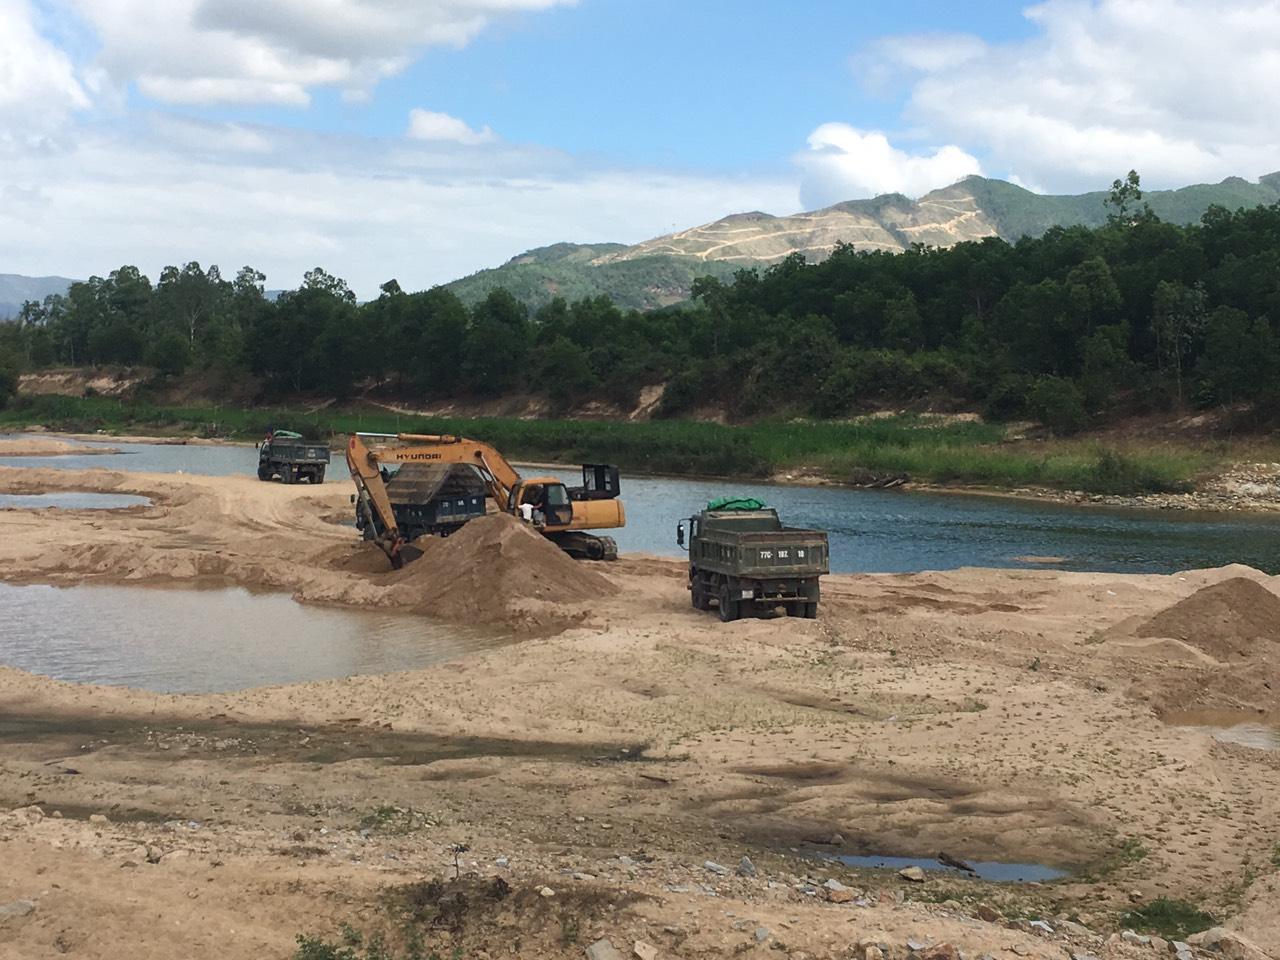 Ồ ạt khai thác cát trên sông Hà Thanh,đoạn qua xã Canh Vinh, huyện Vân canh